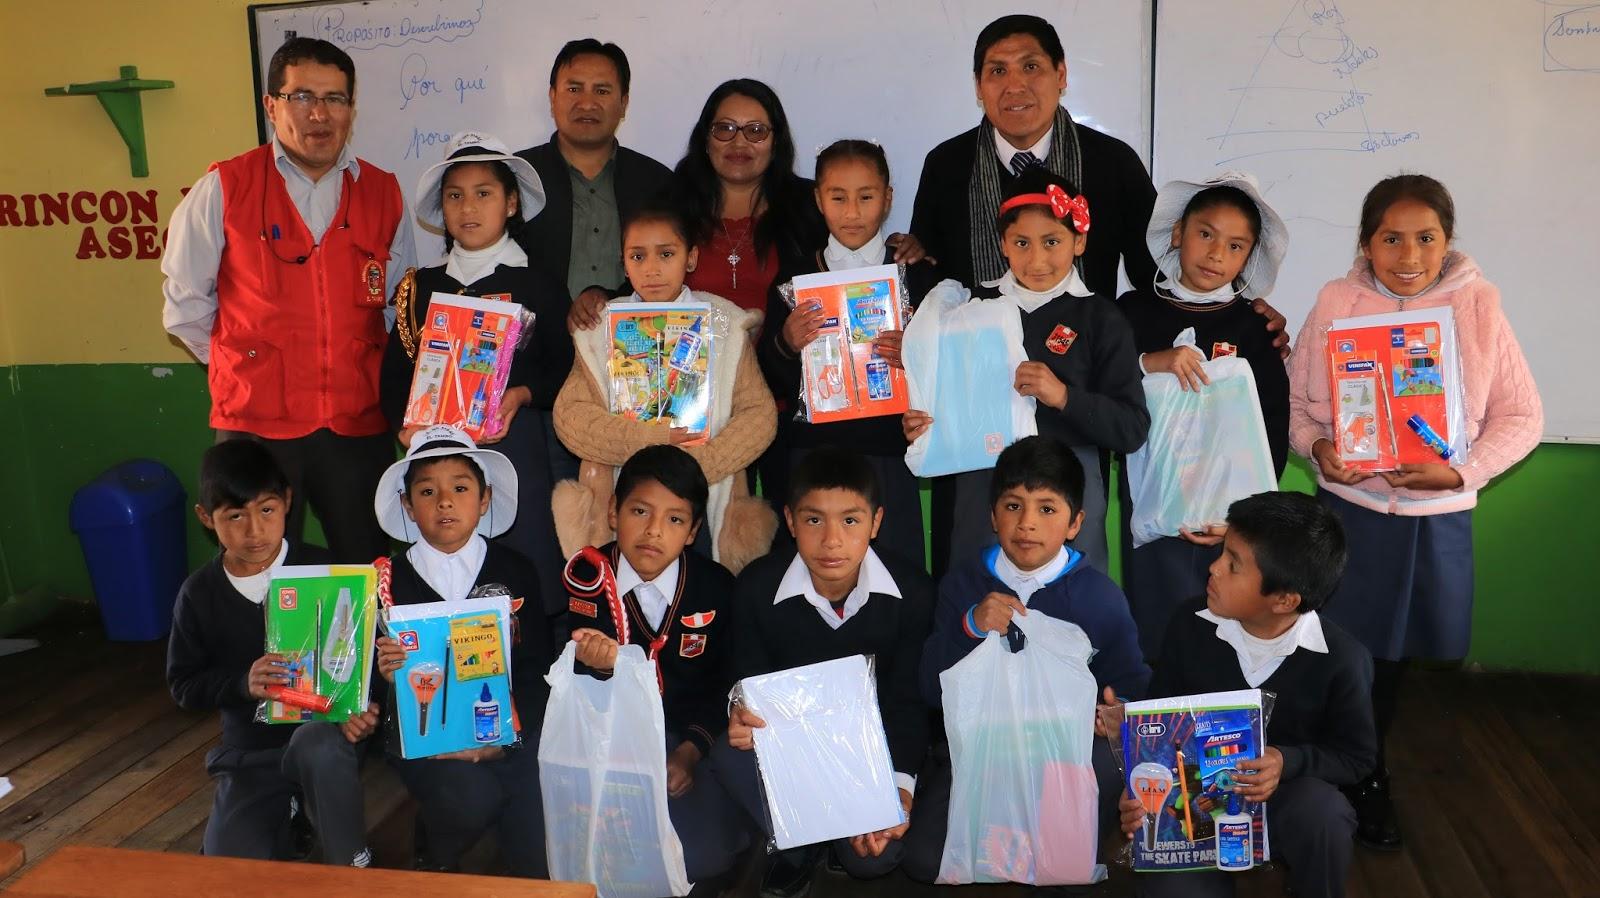 Alcaldesa de El Tambo entregó kits escolares a niños de Cullpa Alta